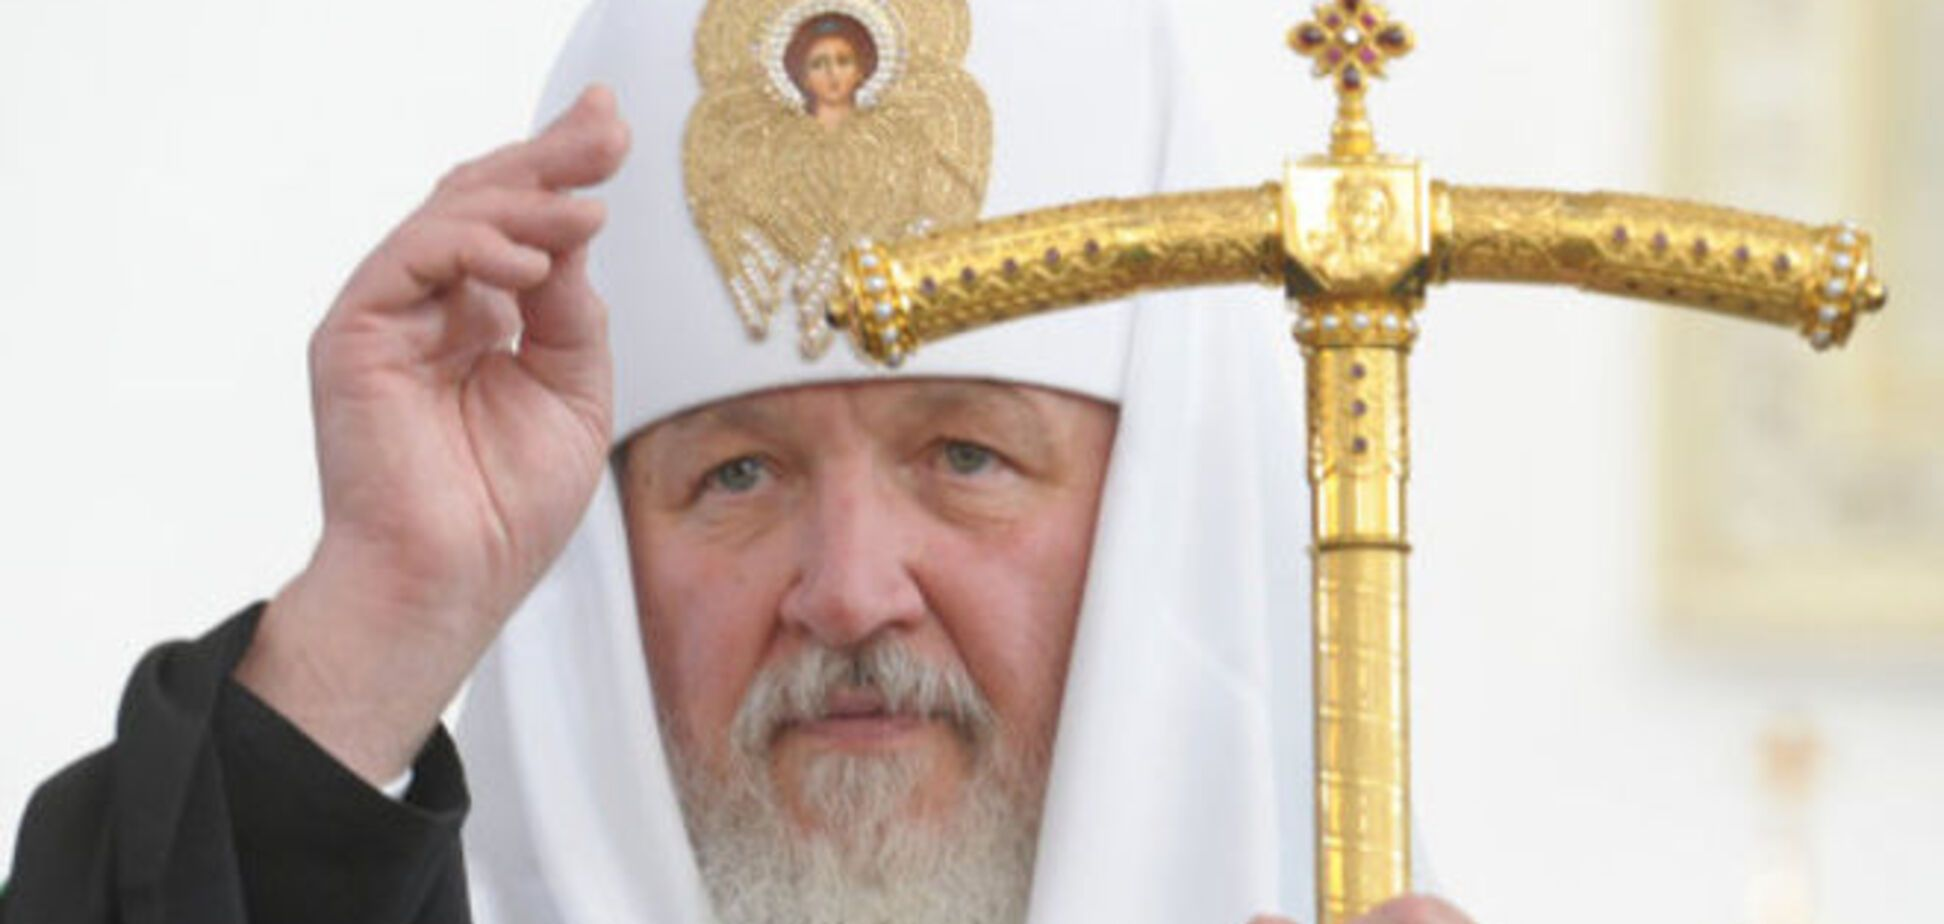 Патриарх Кирилл сетует, что украинцы превратили 'Русский мир' в пугало